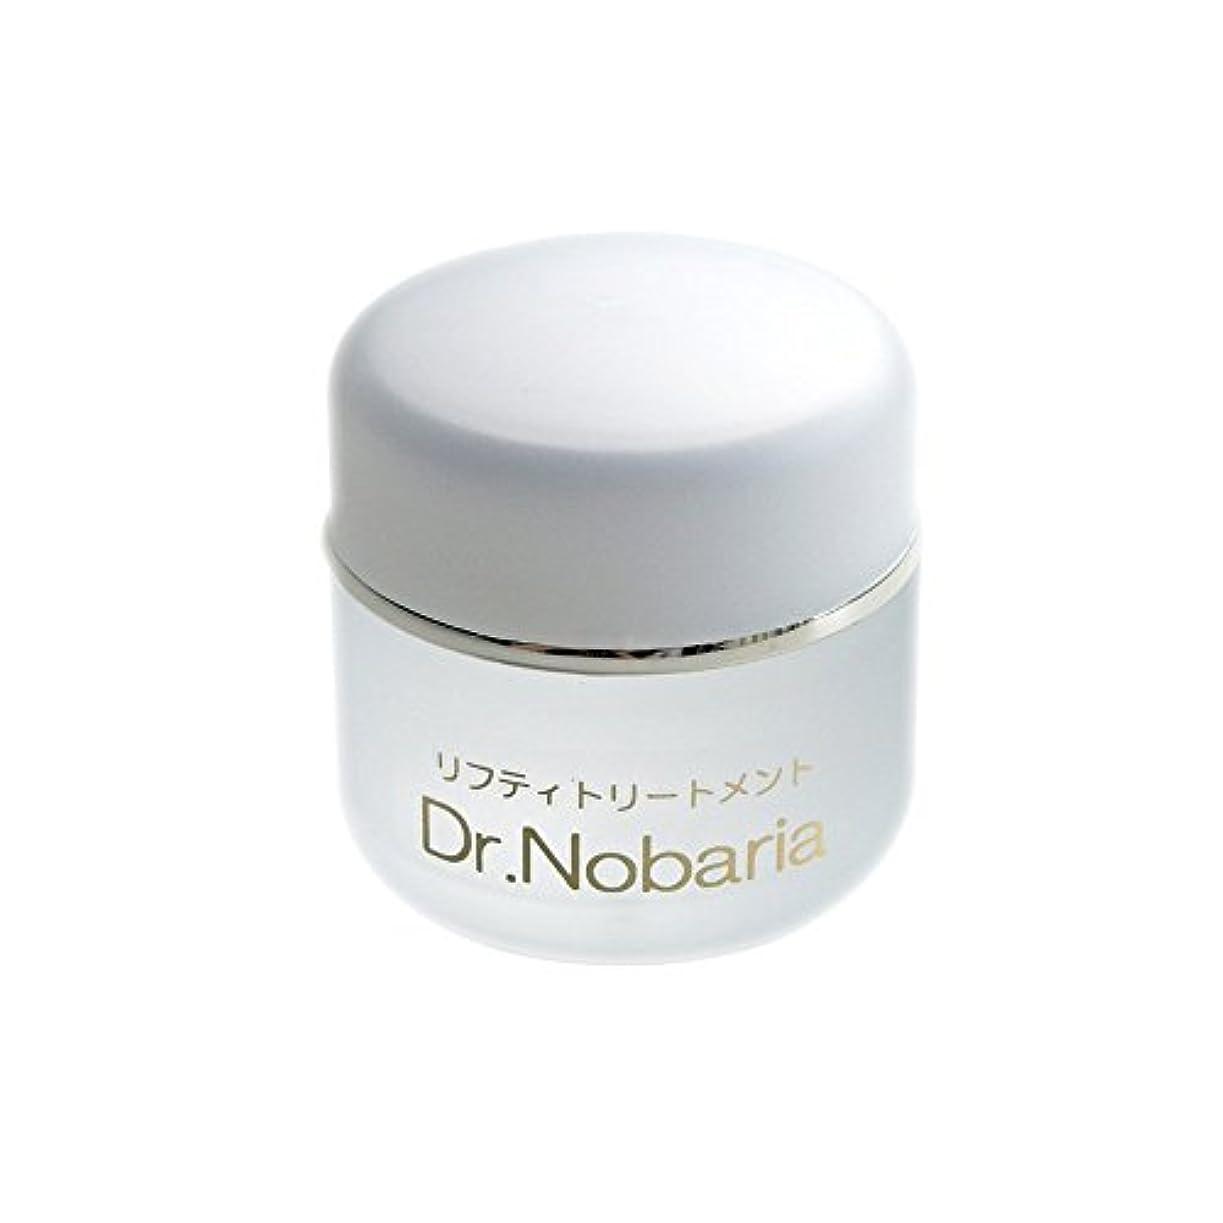 収縮誘導粘着性Natural Pure ノバリアスキンケア ノバリアジェルクリーム 保湿 無香料 無着色 30g×1個